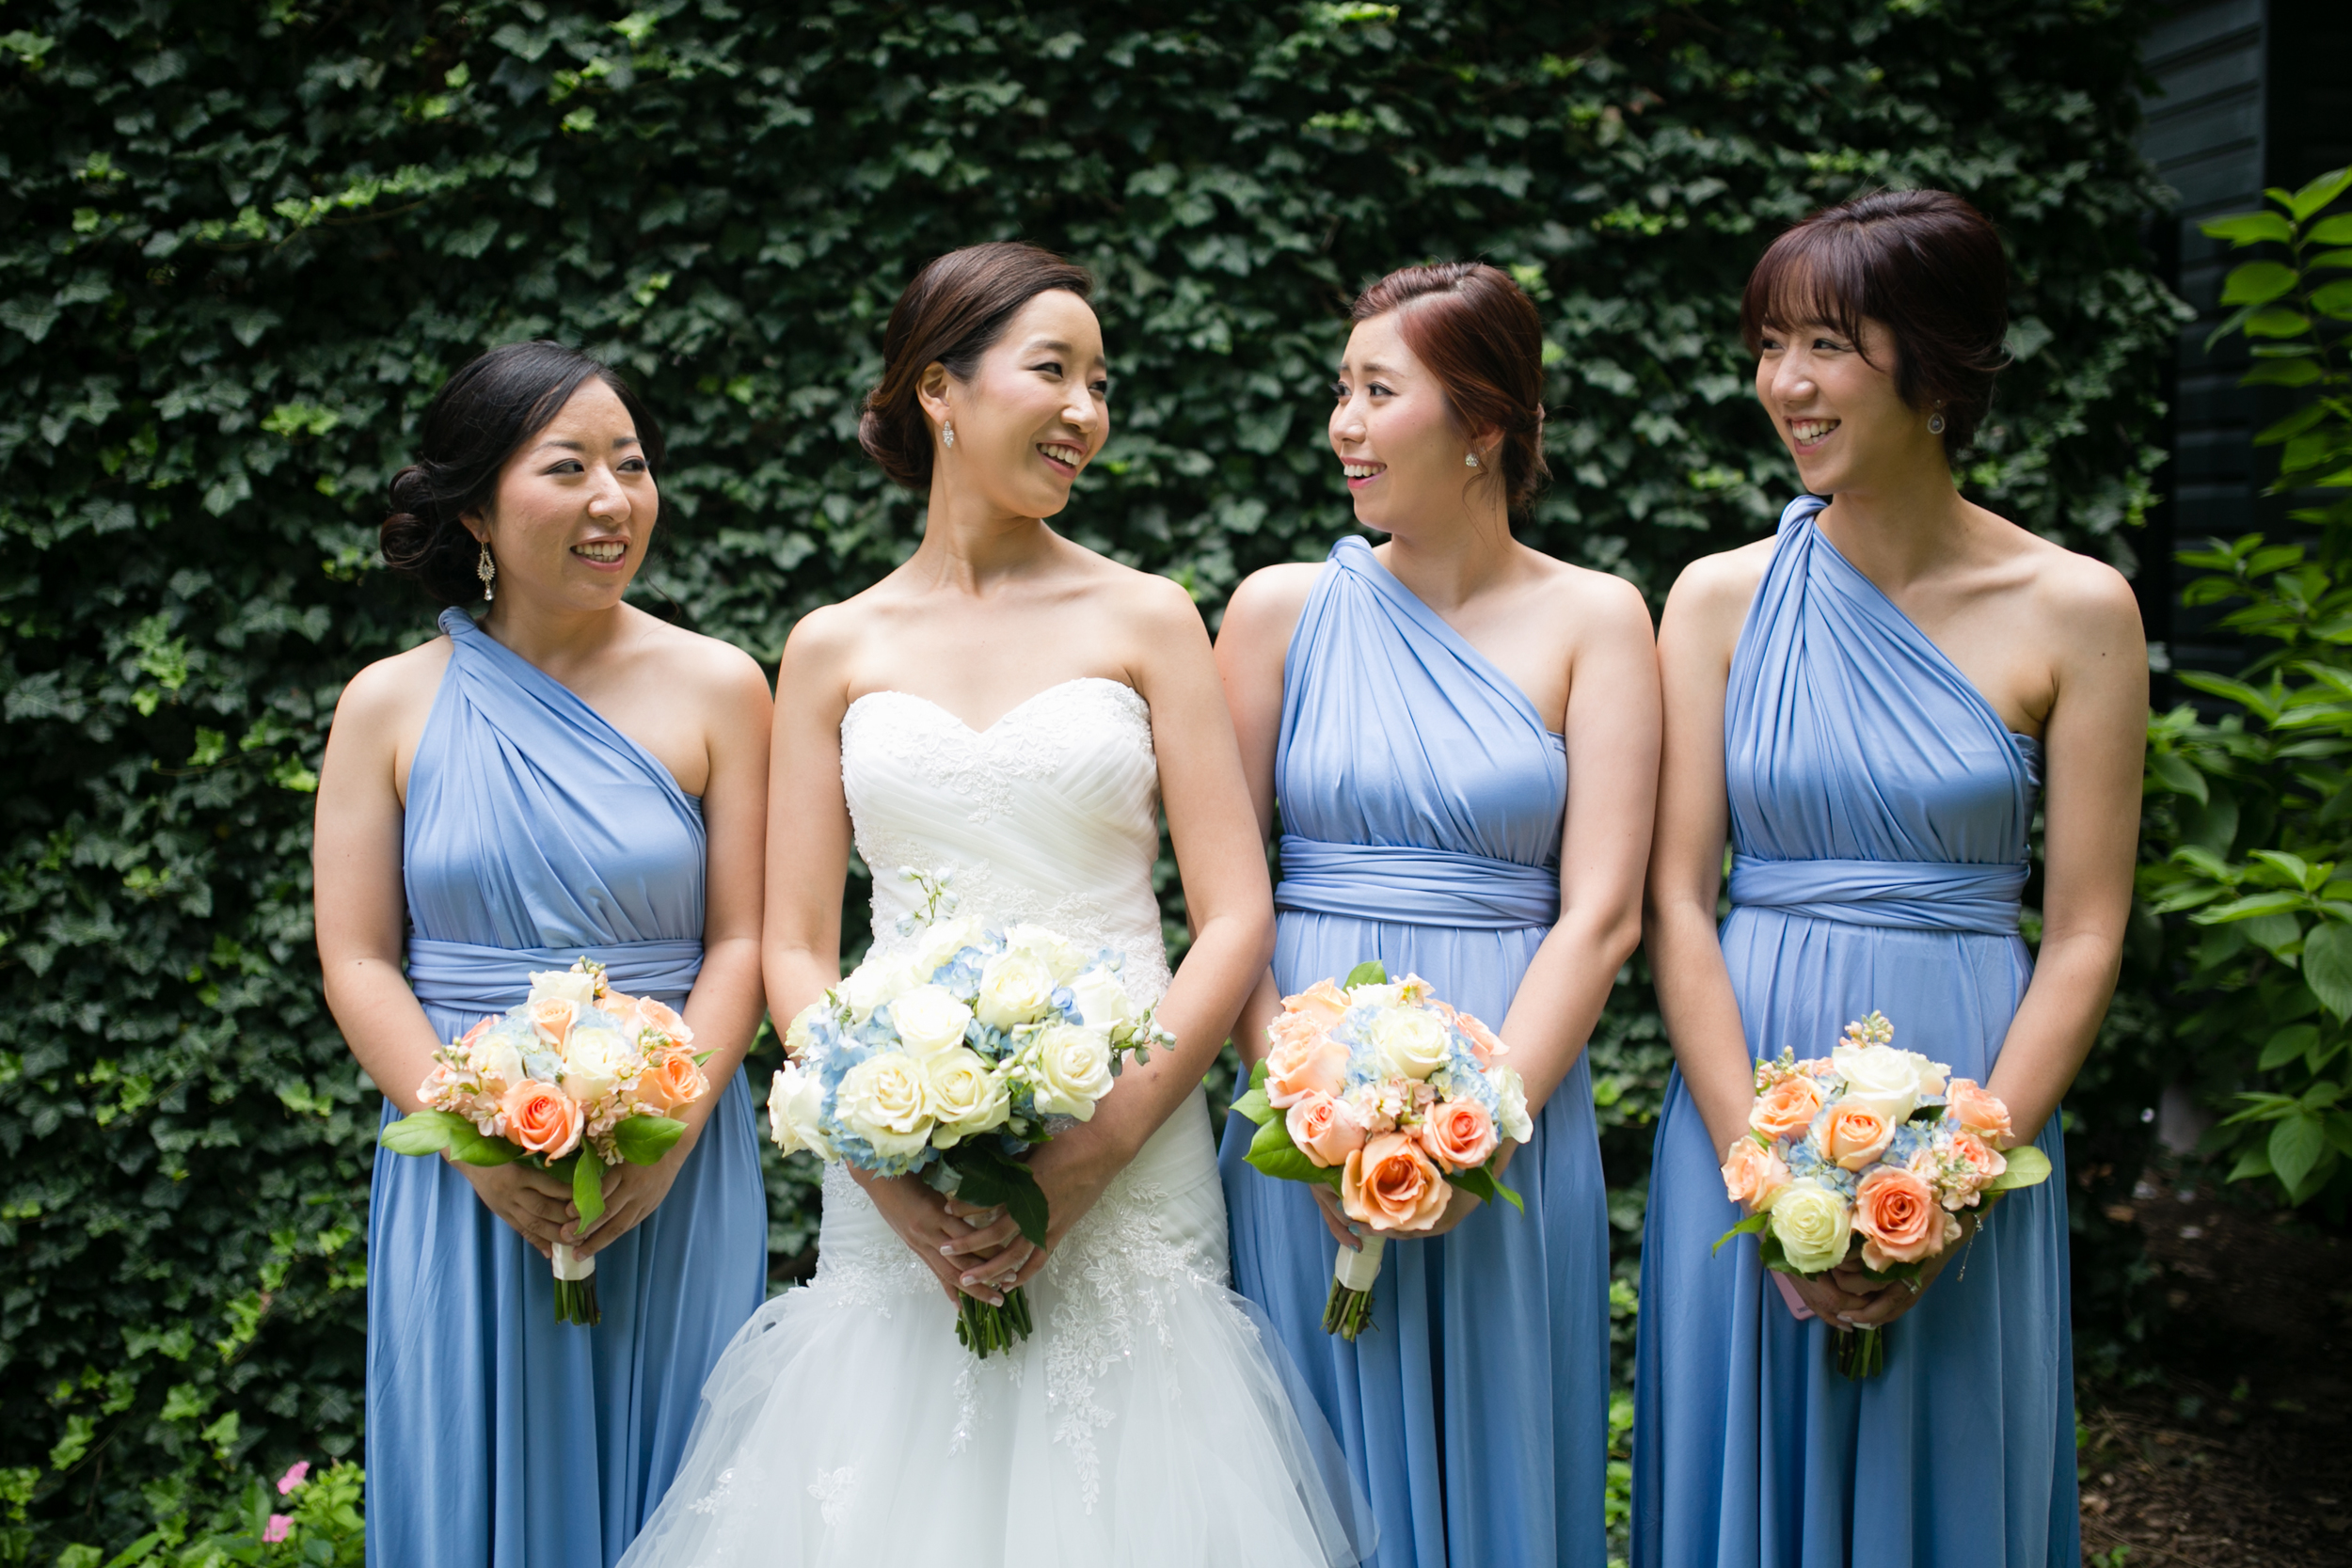 Racquet Club wedding by Peach Plum Pear Photo_009.jpg